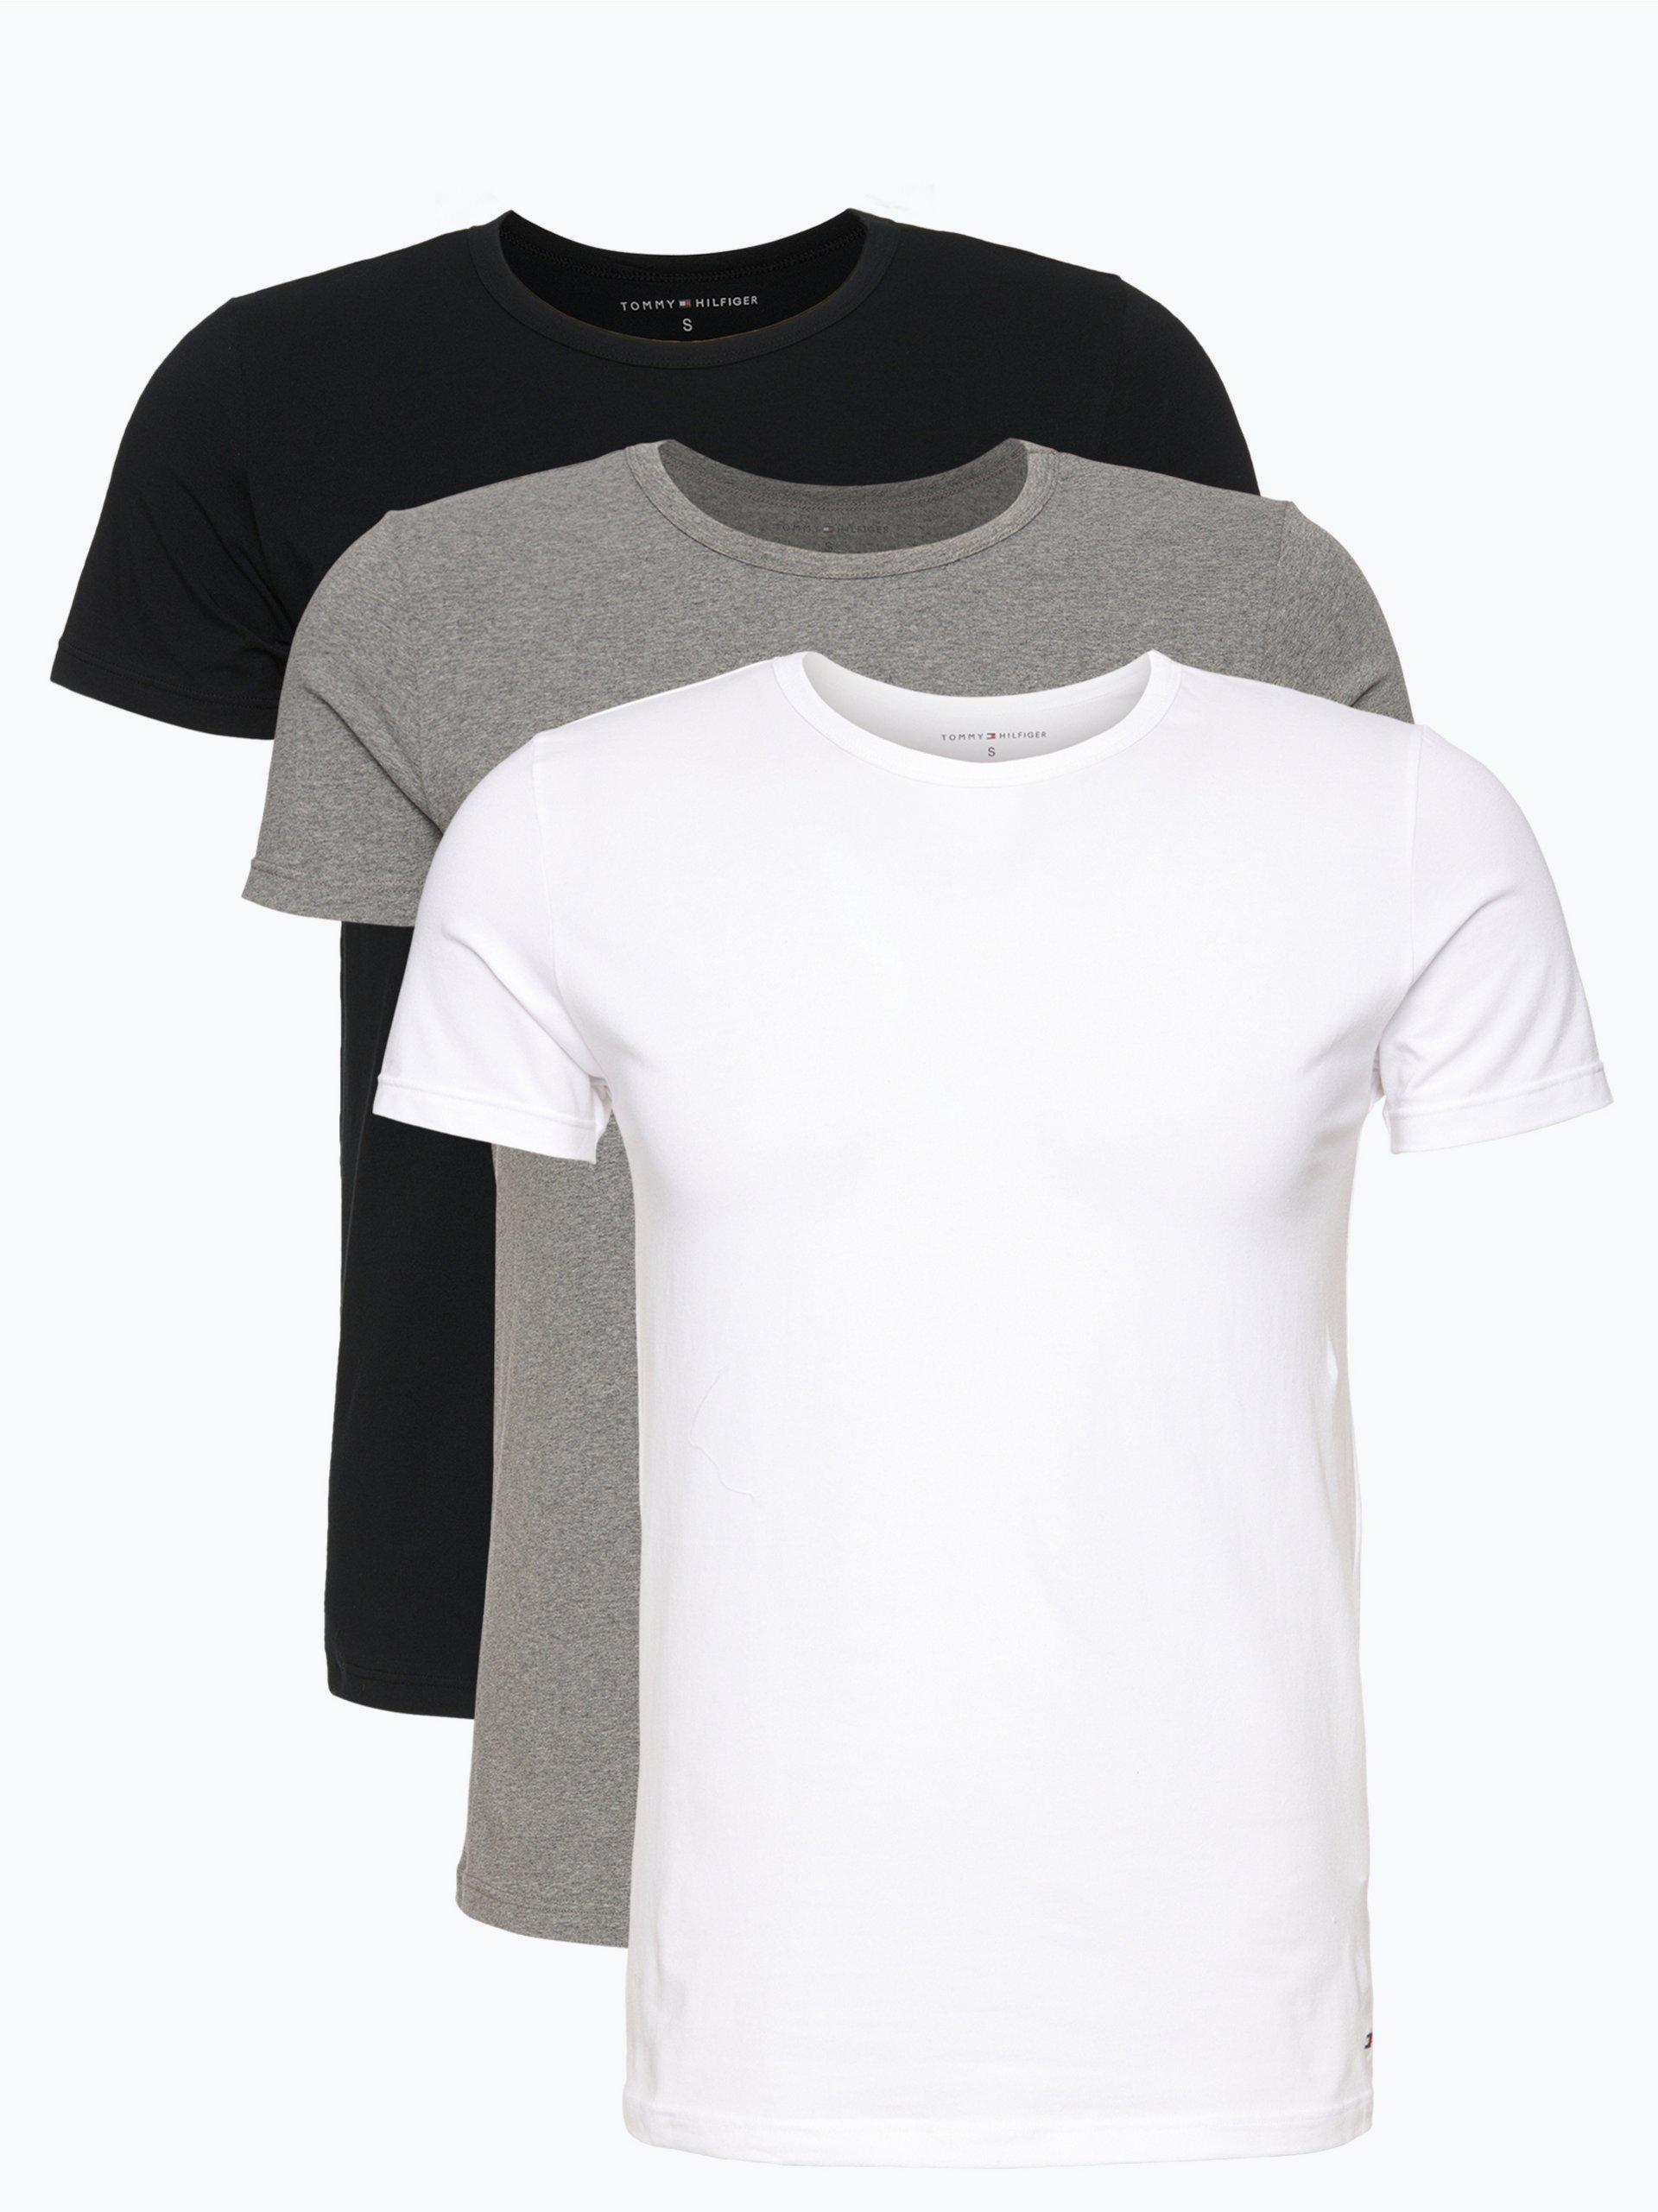 tommy hilfiger herren t shirt im 3er pack mehrfarbig uni. Black Bedroom Furniture Sets. Home Design Ideas